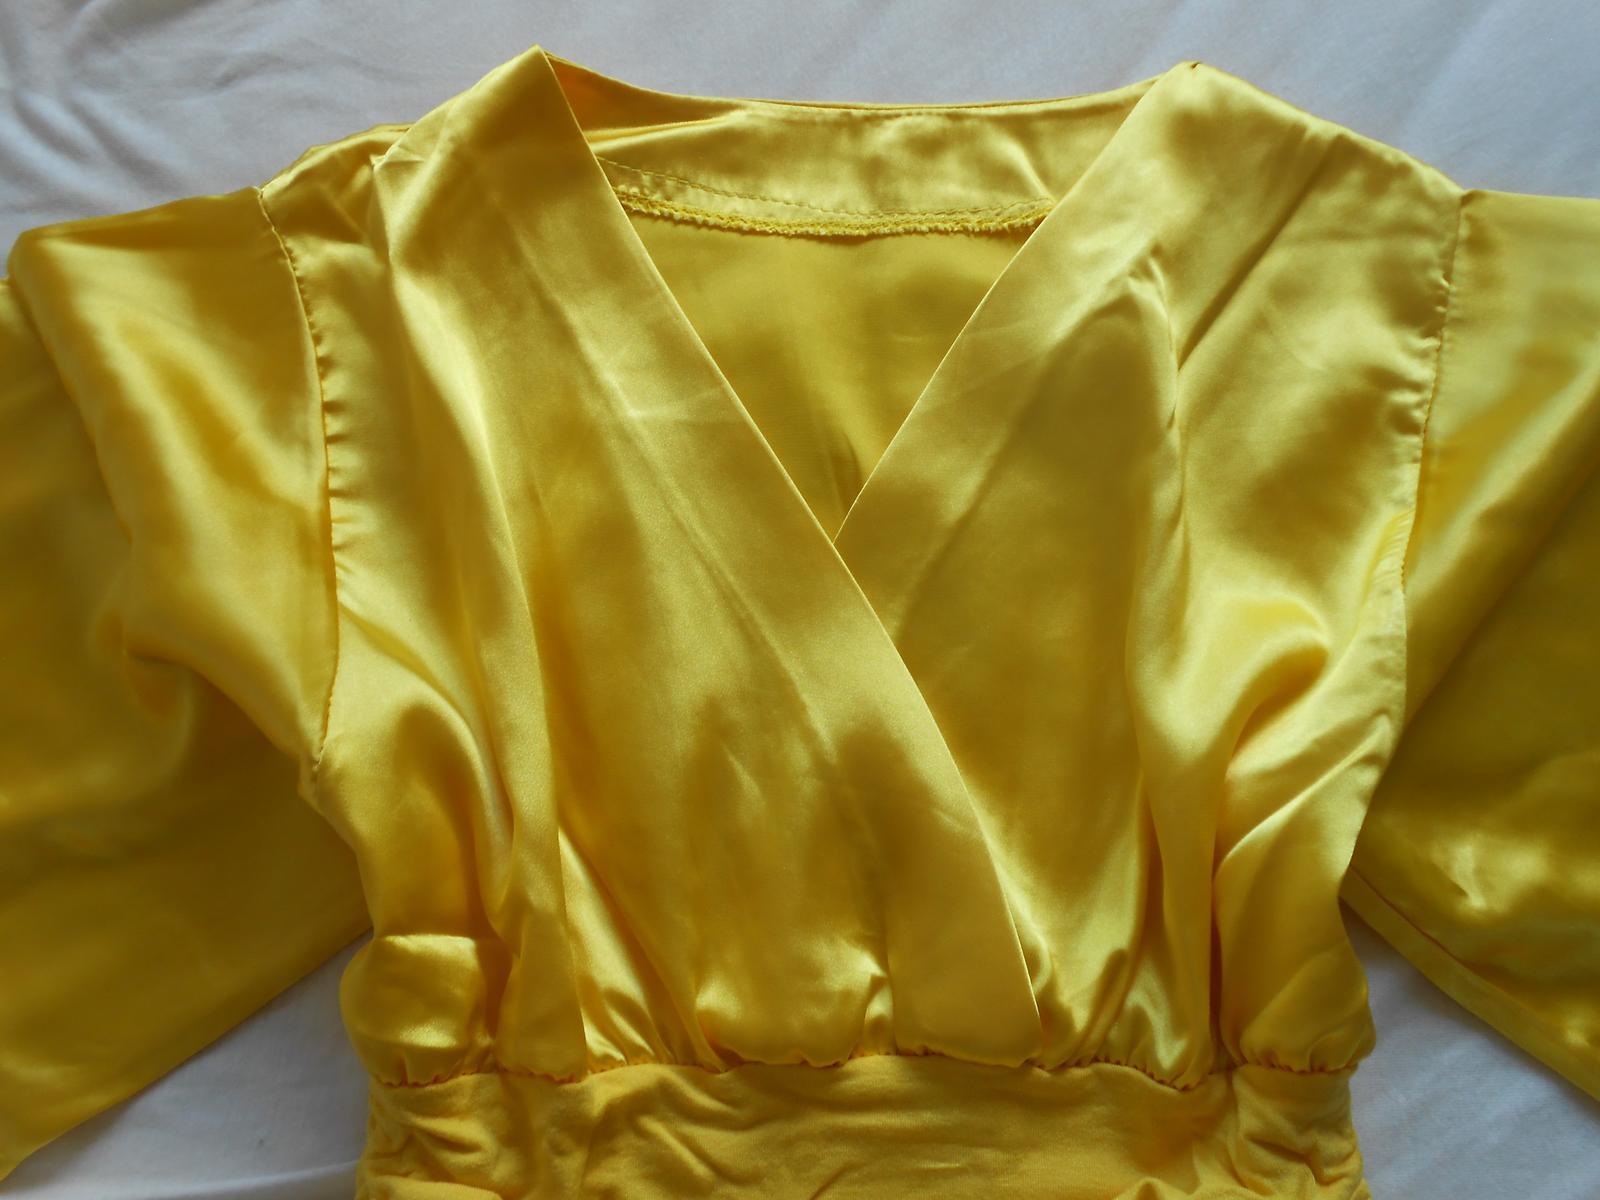 Zlatá/žltá saténová blúzka/top - Obrázok č. 3